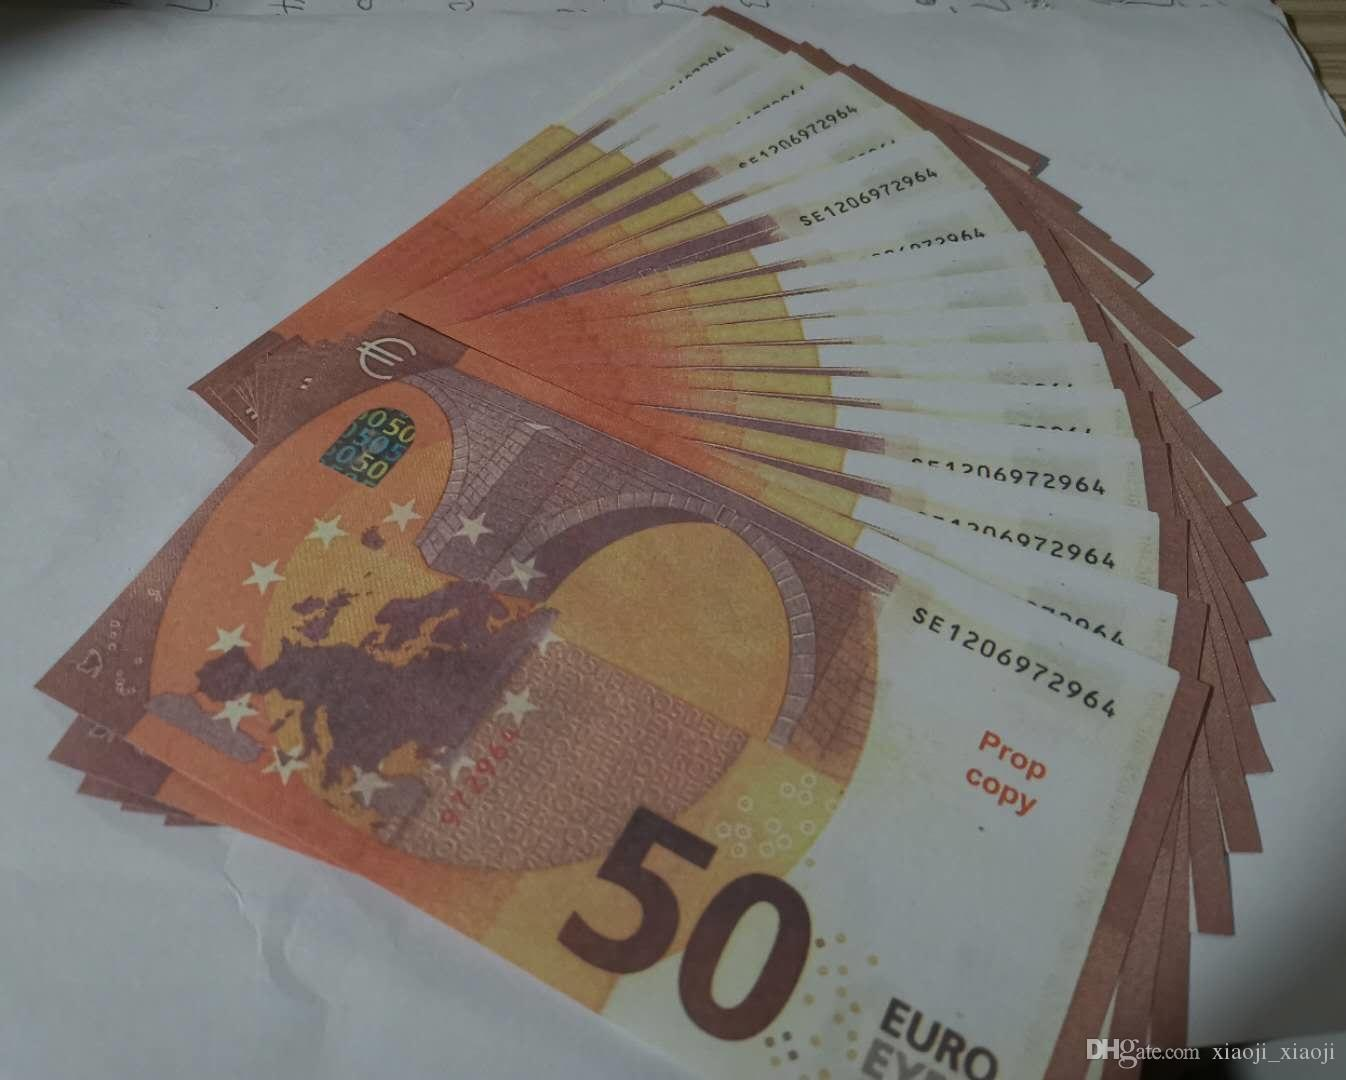 Prop Währung Euro 50 Kopie Filme Spielzeug Fake Geld Werkzeug Lernen Kinder am besten für realistische Video EQDFN